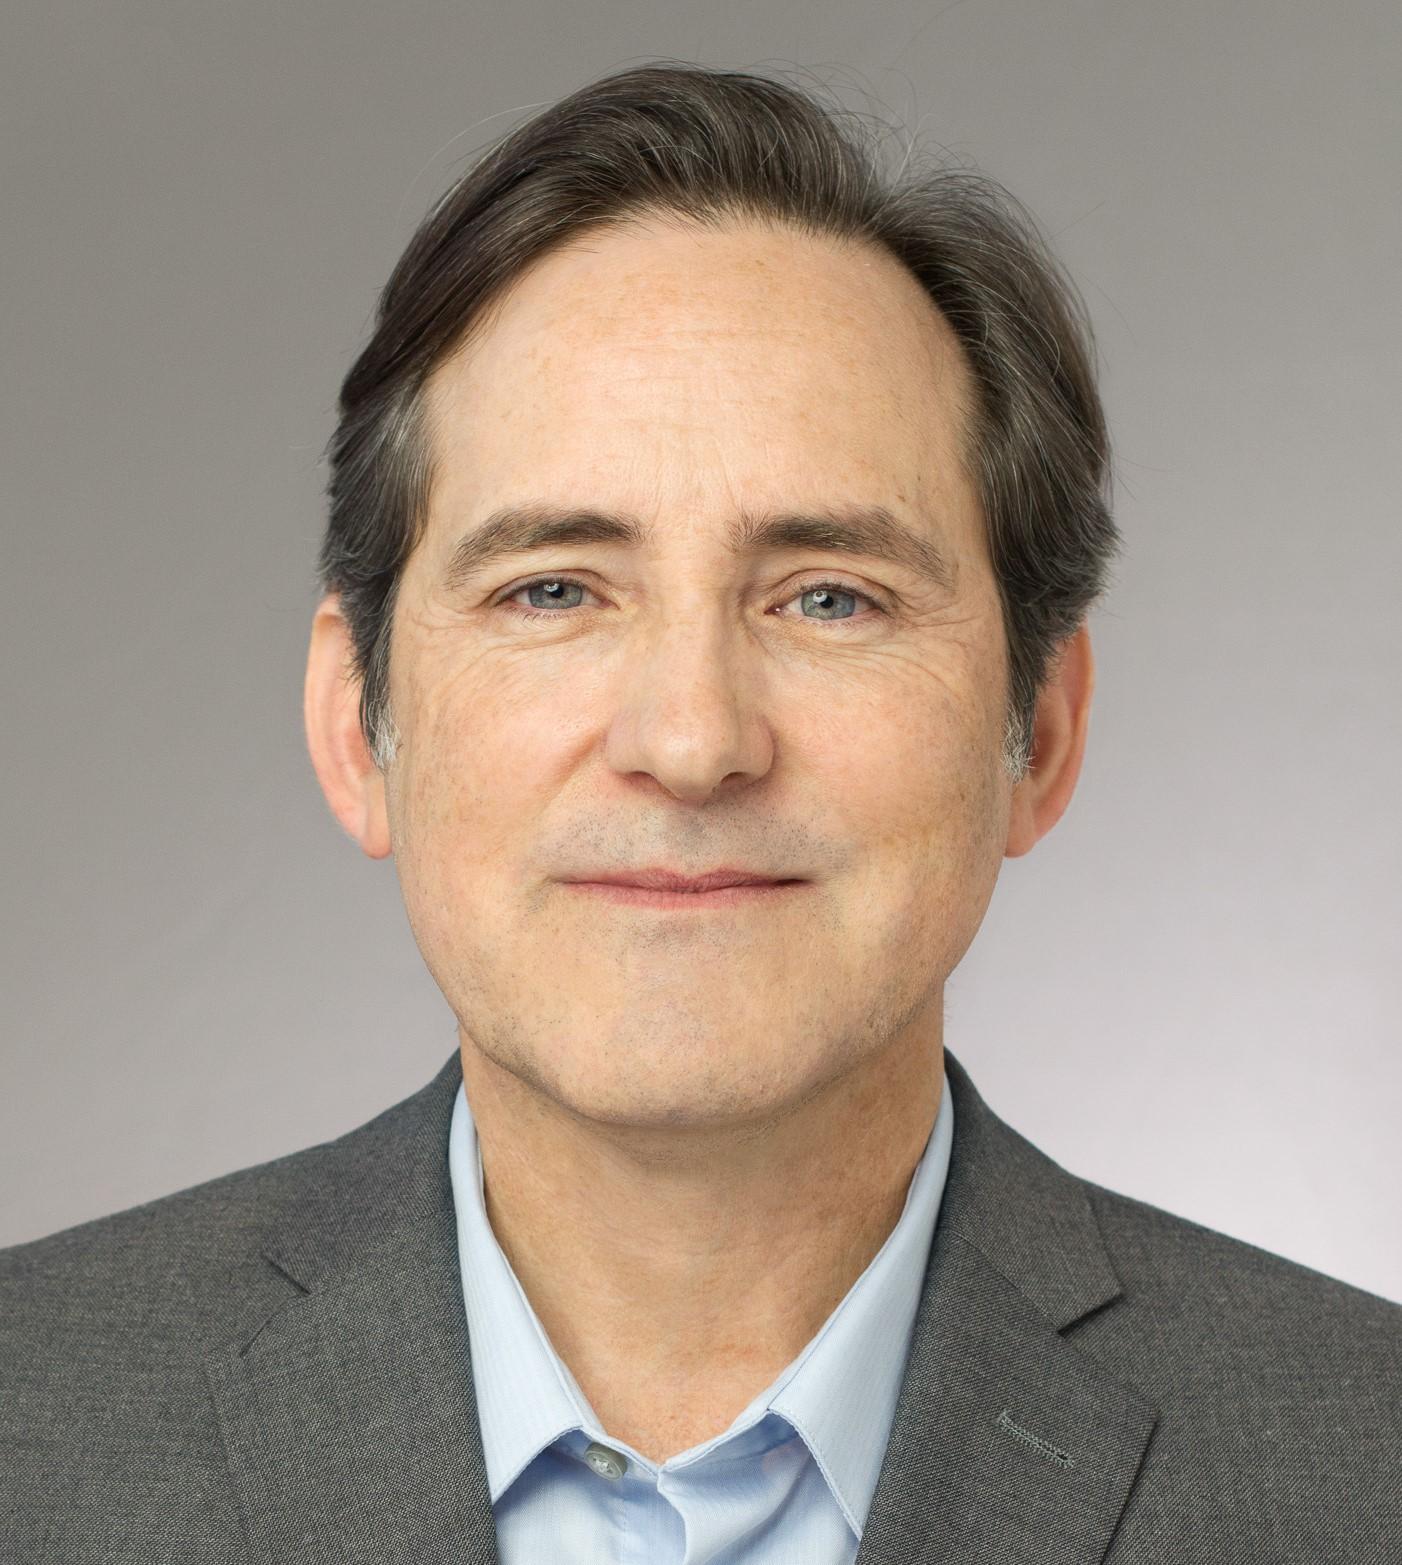 Peter Cooper, Assistant Director